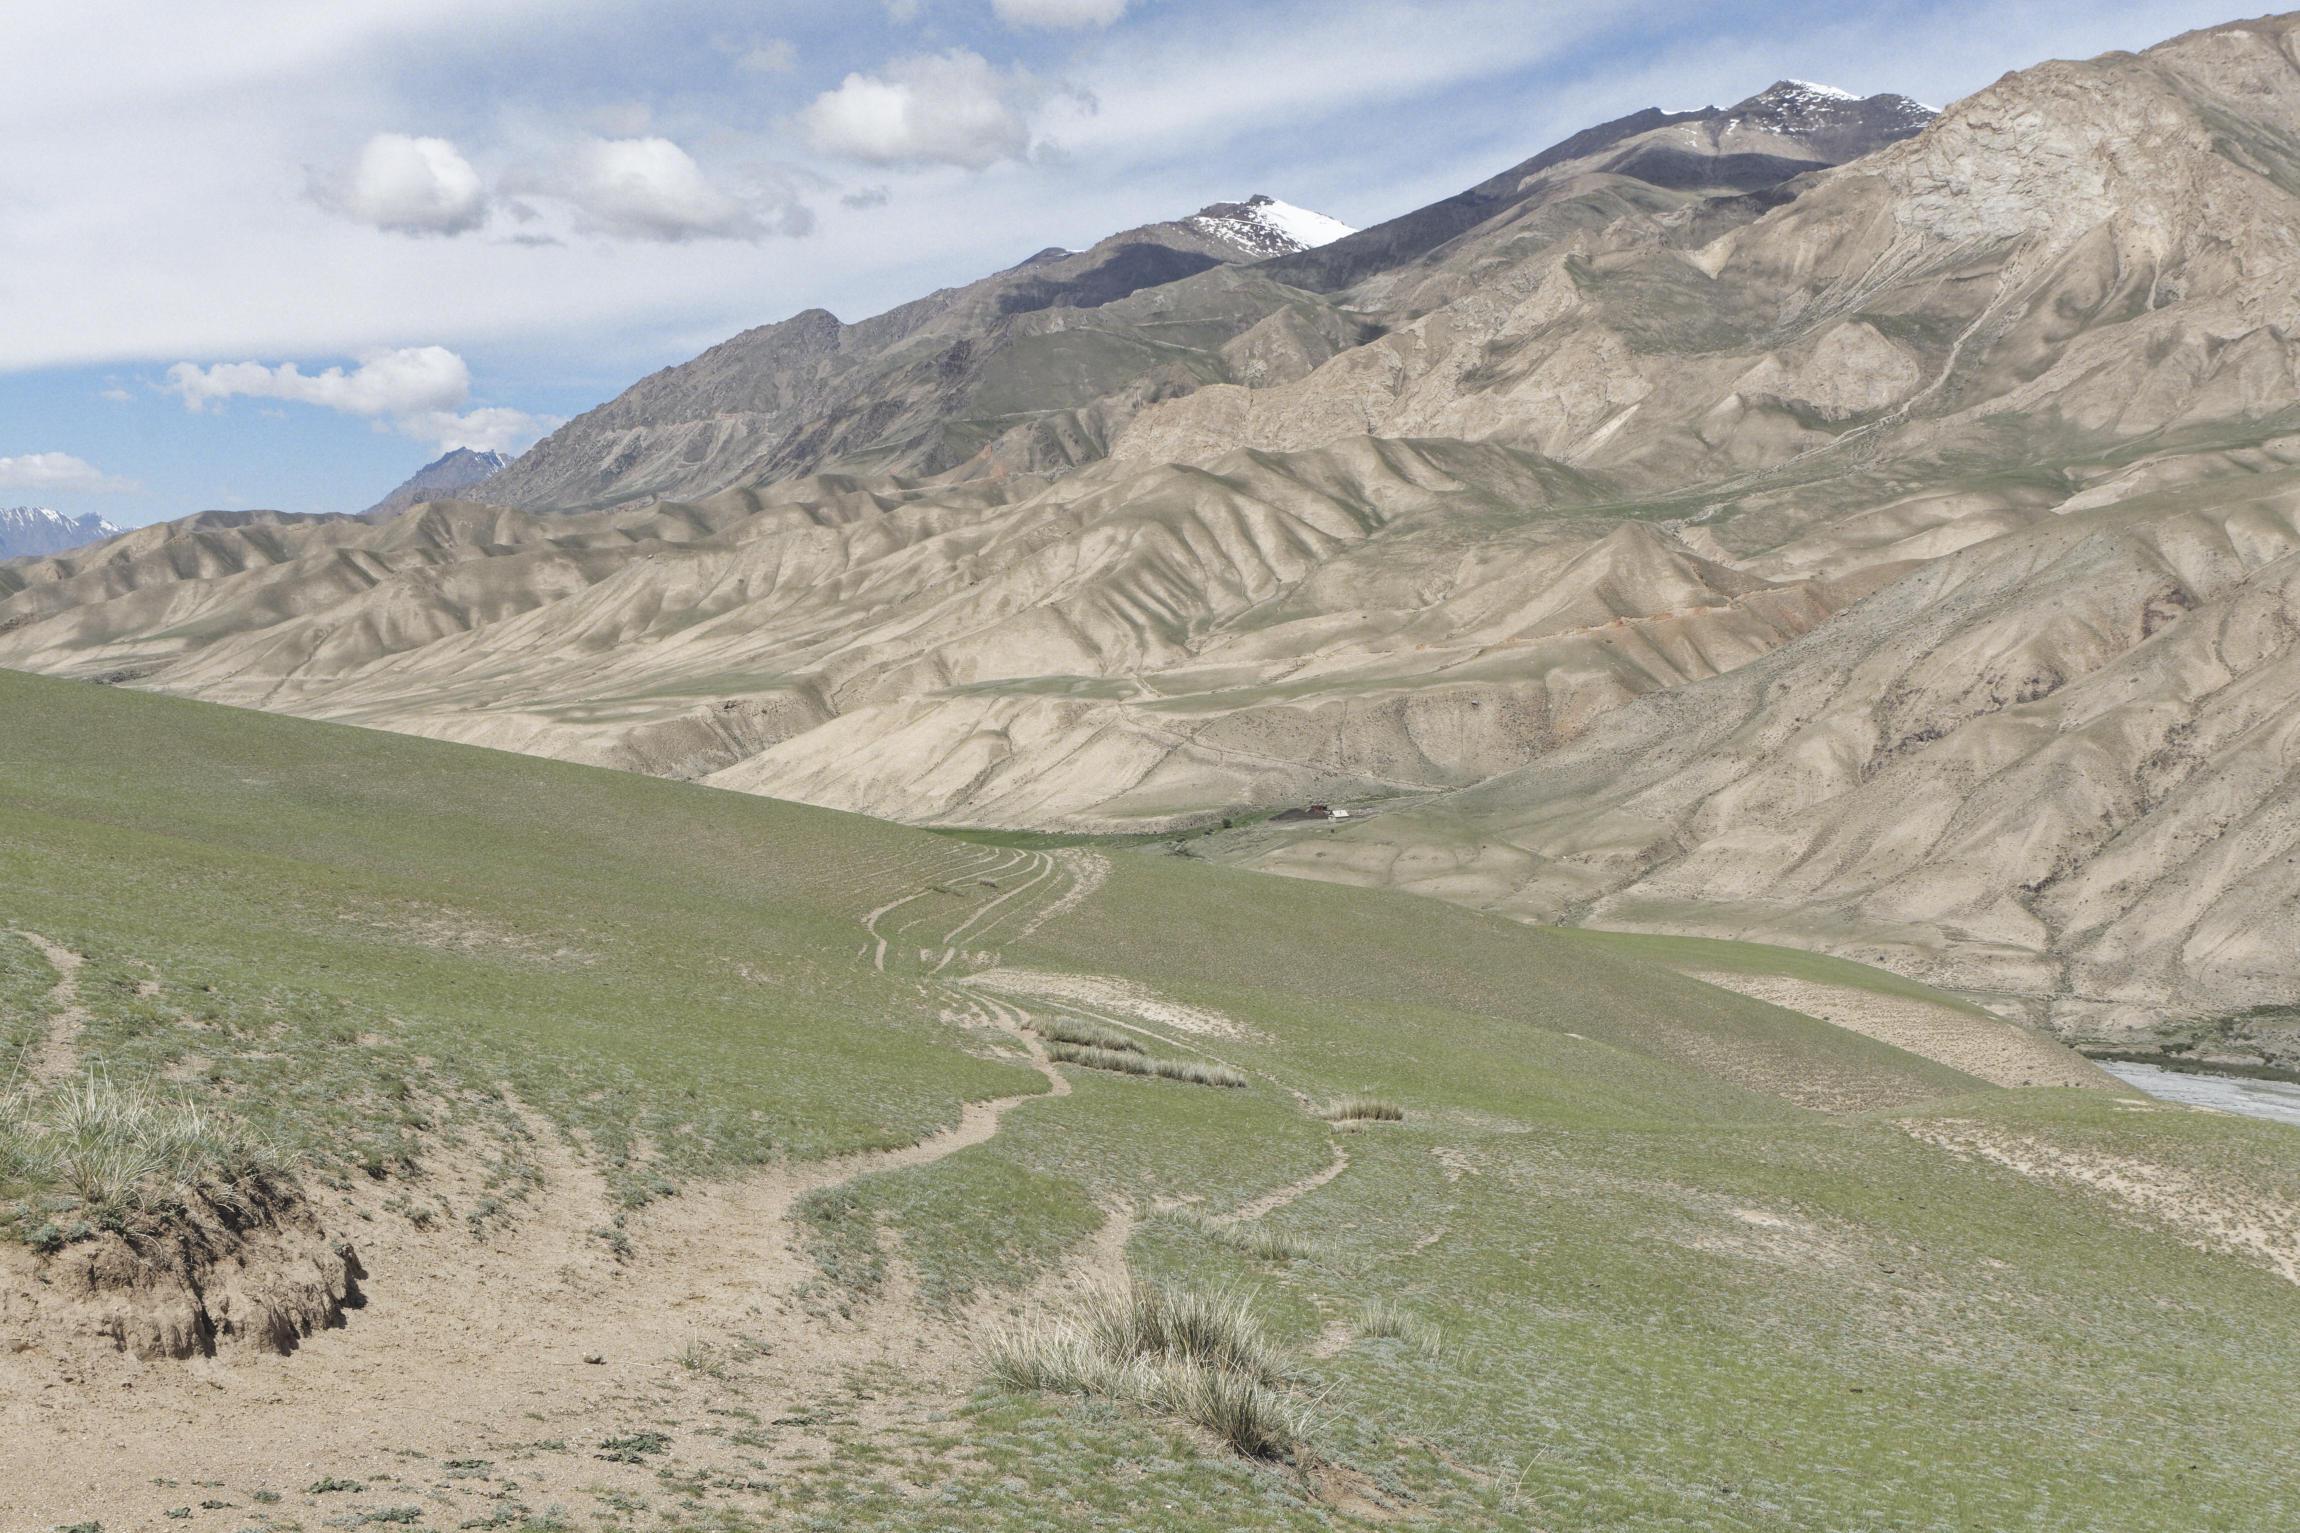 Piste au pied des montagnes vallée de Kaindy Kirghizstan